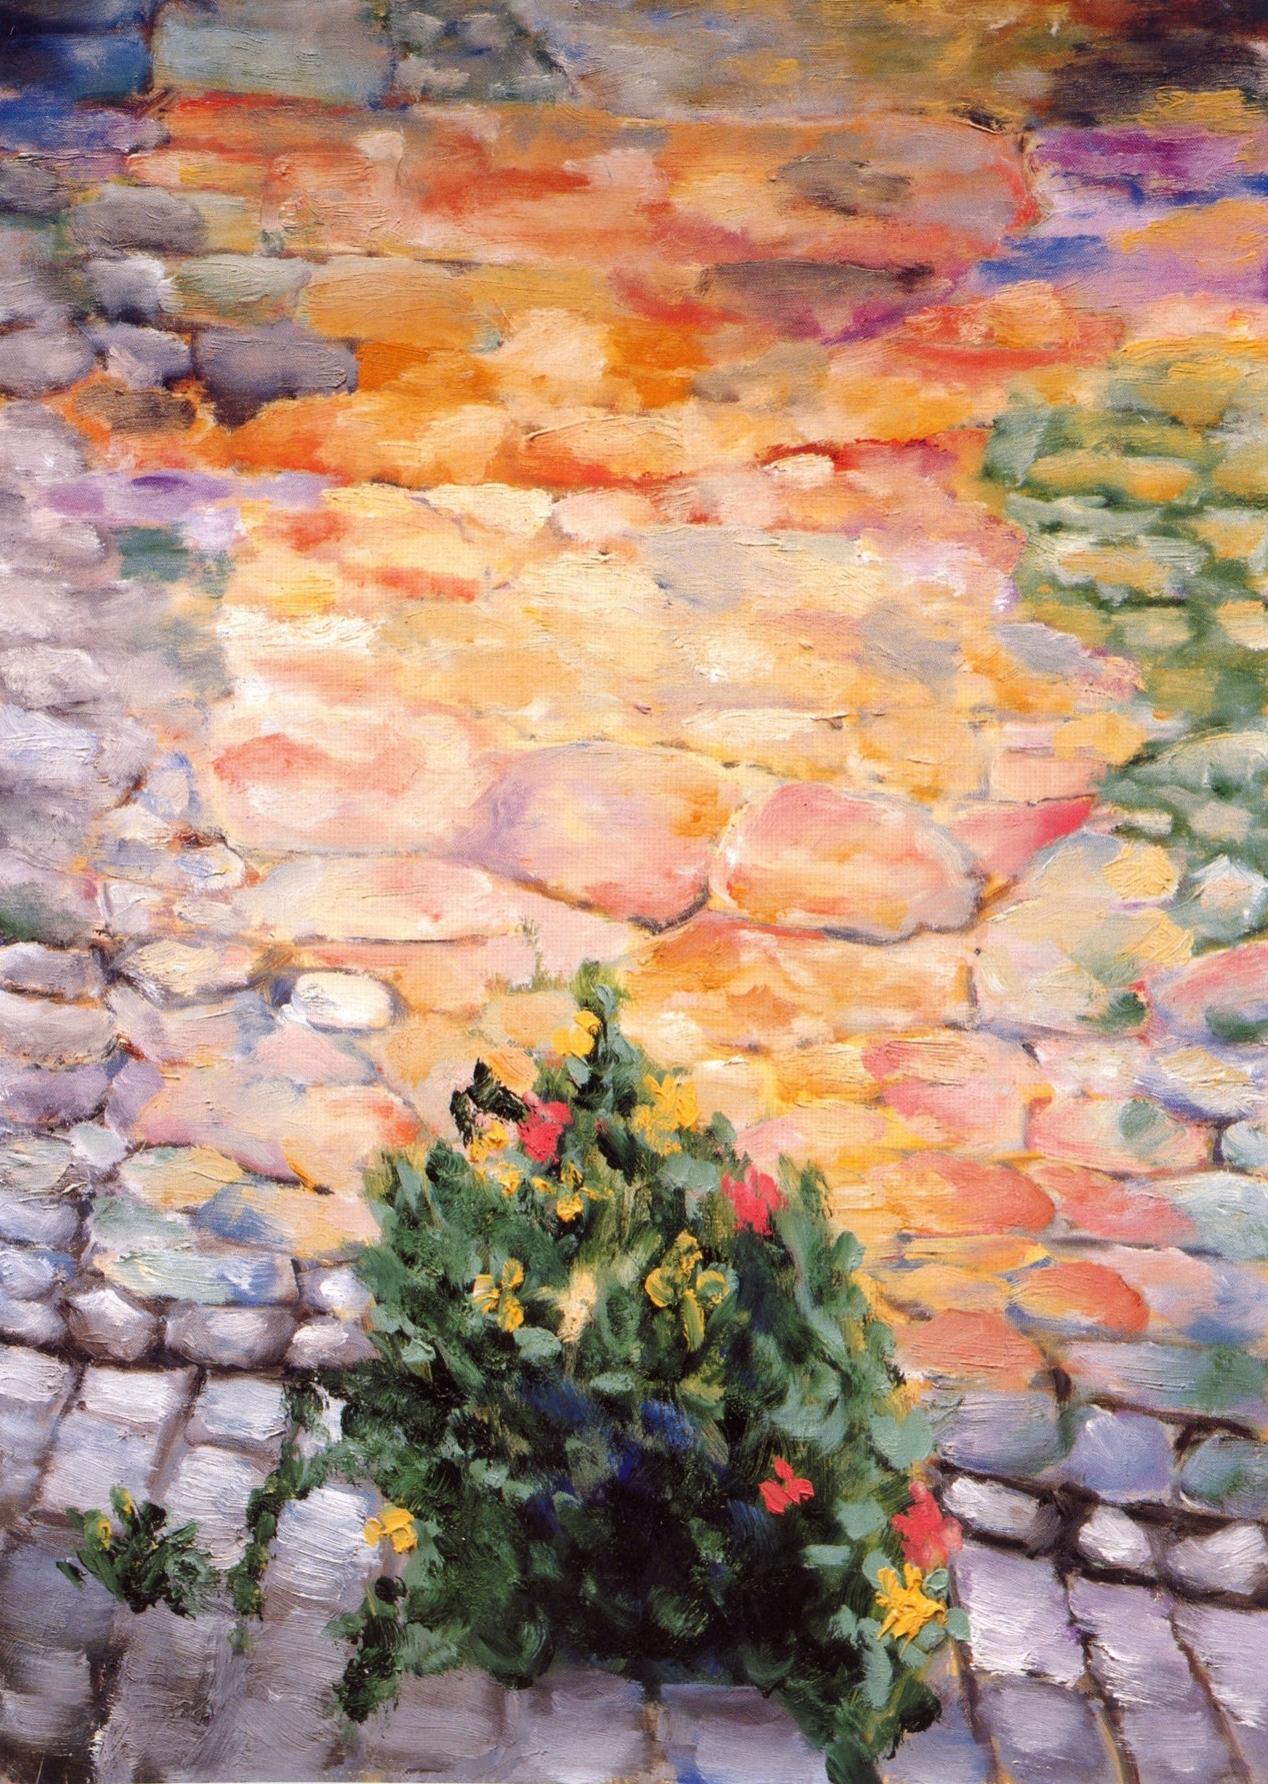 I Fiori é Muro #1 San Gimignano   Oil on canvas, 20'' x 28'', 2004